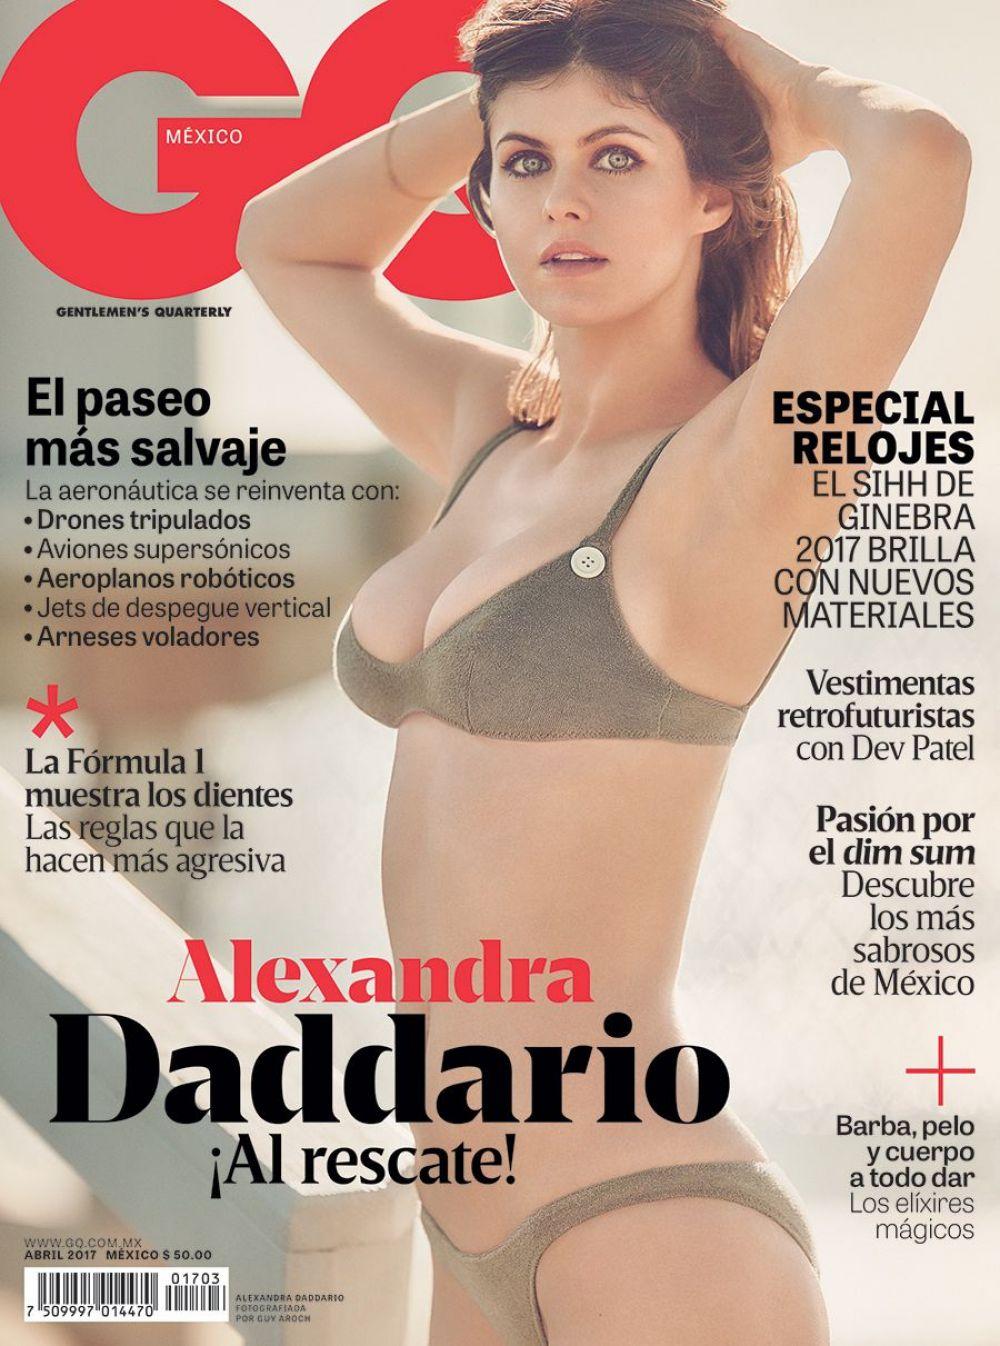 ALEXANDRA DADDARIO in Bikini on the Cover of GQ Magazine, Mexico April 2017